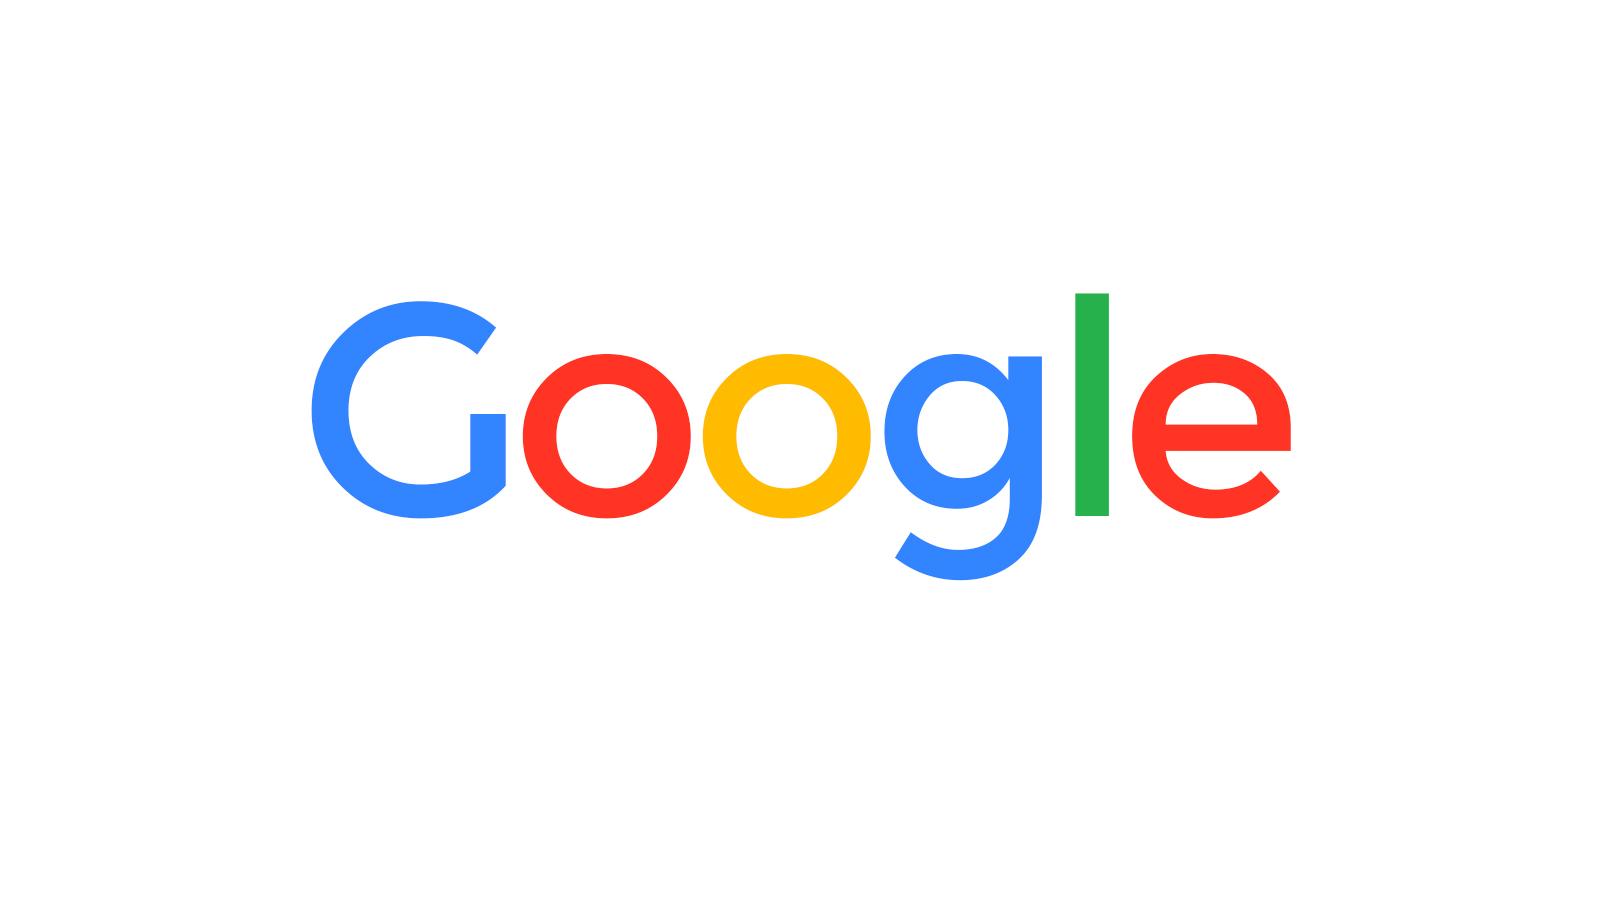 Google e sessismo, più di 60 donne sarebbero pronte a fare causa per discriminazione